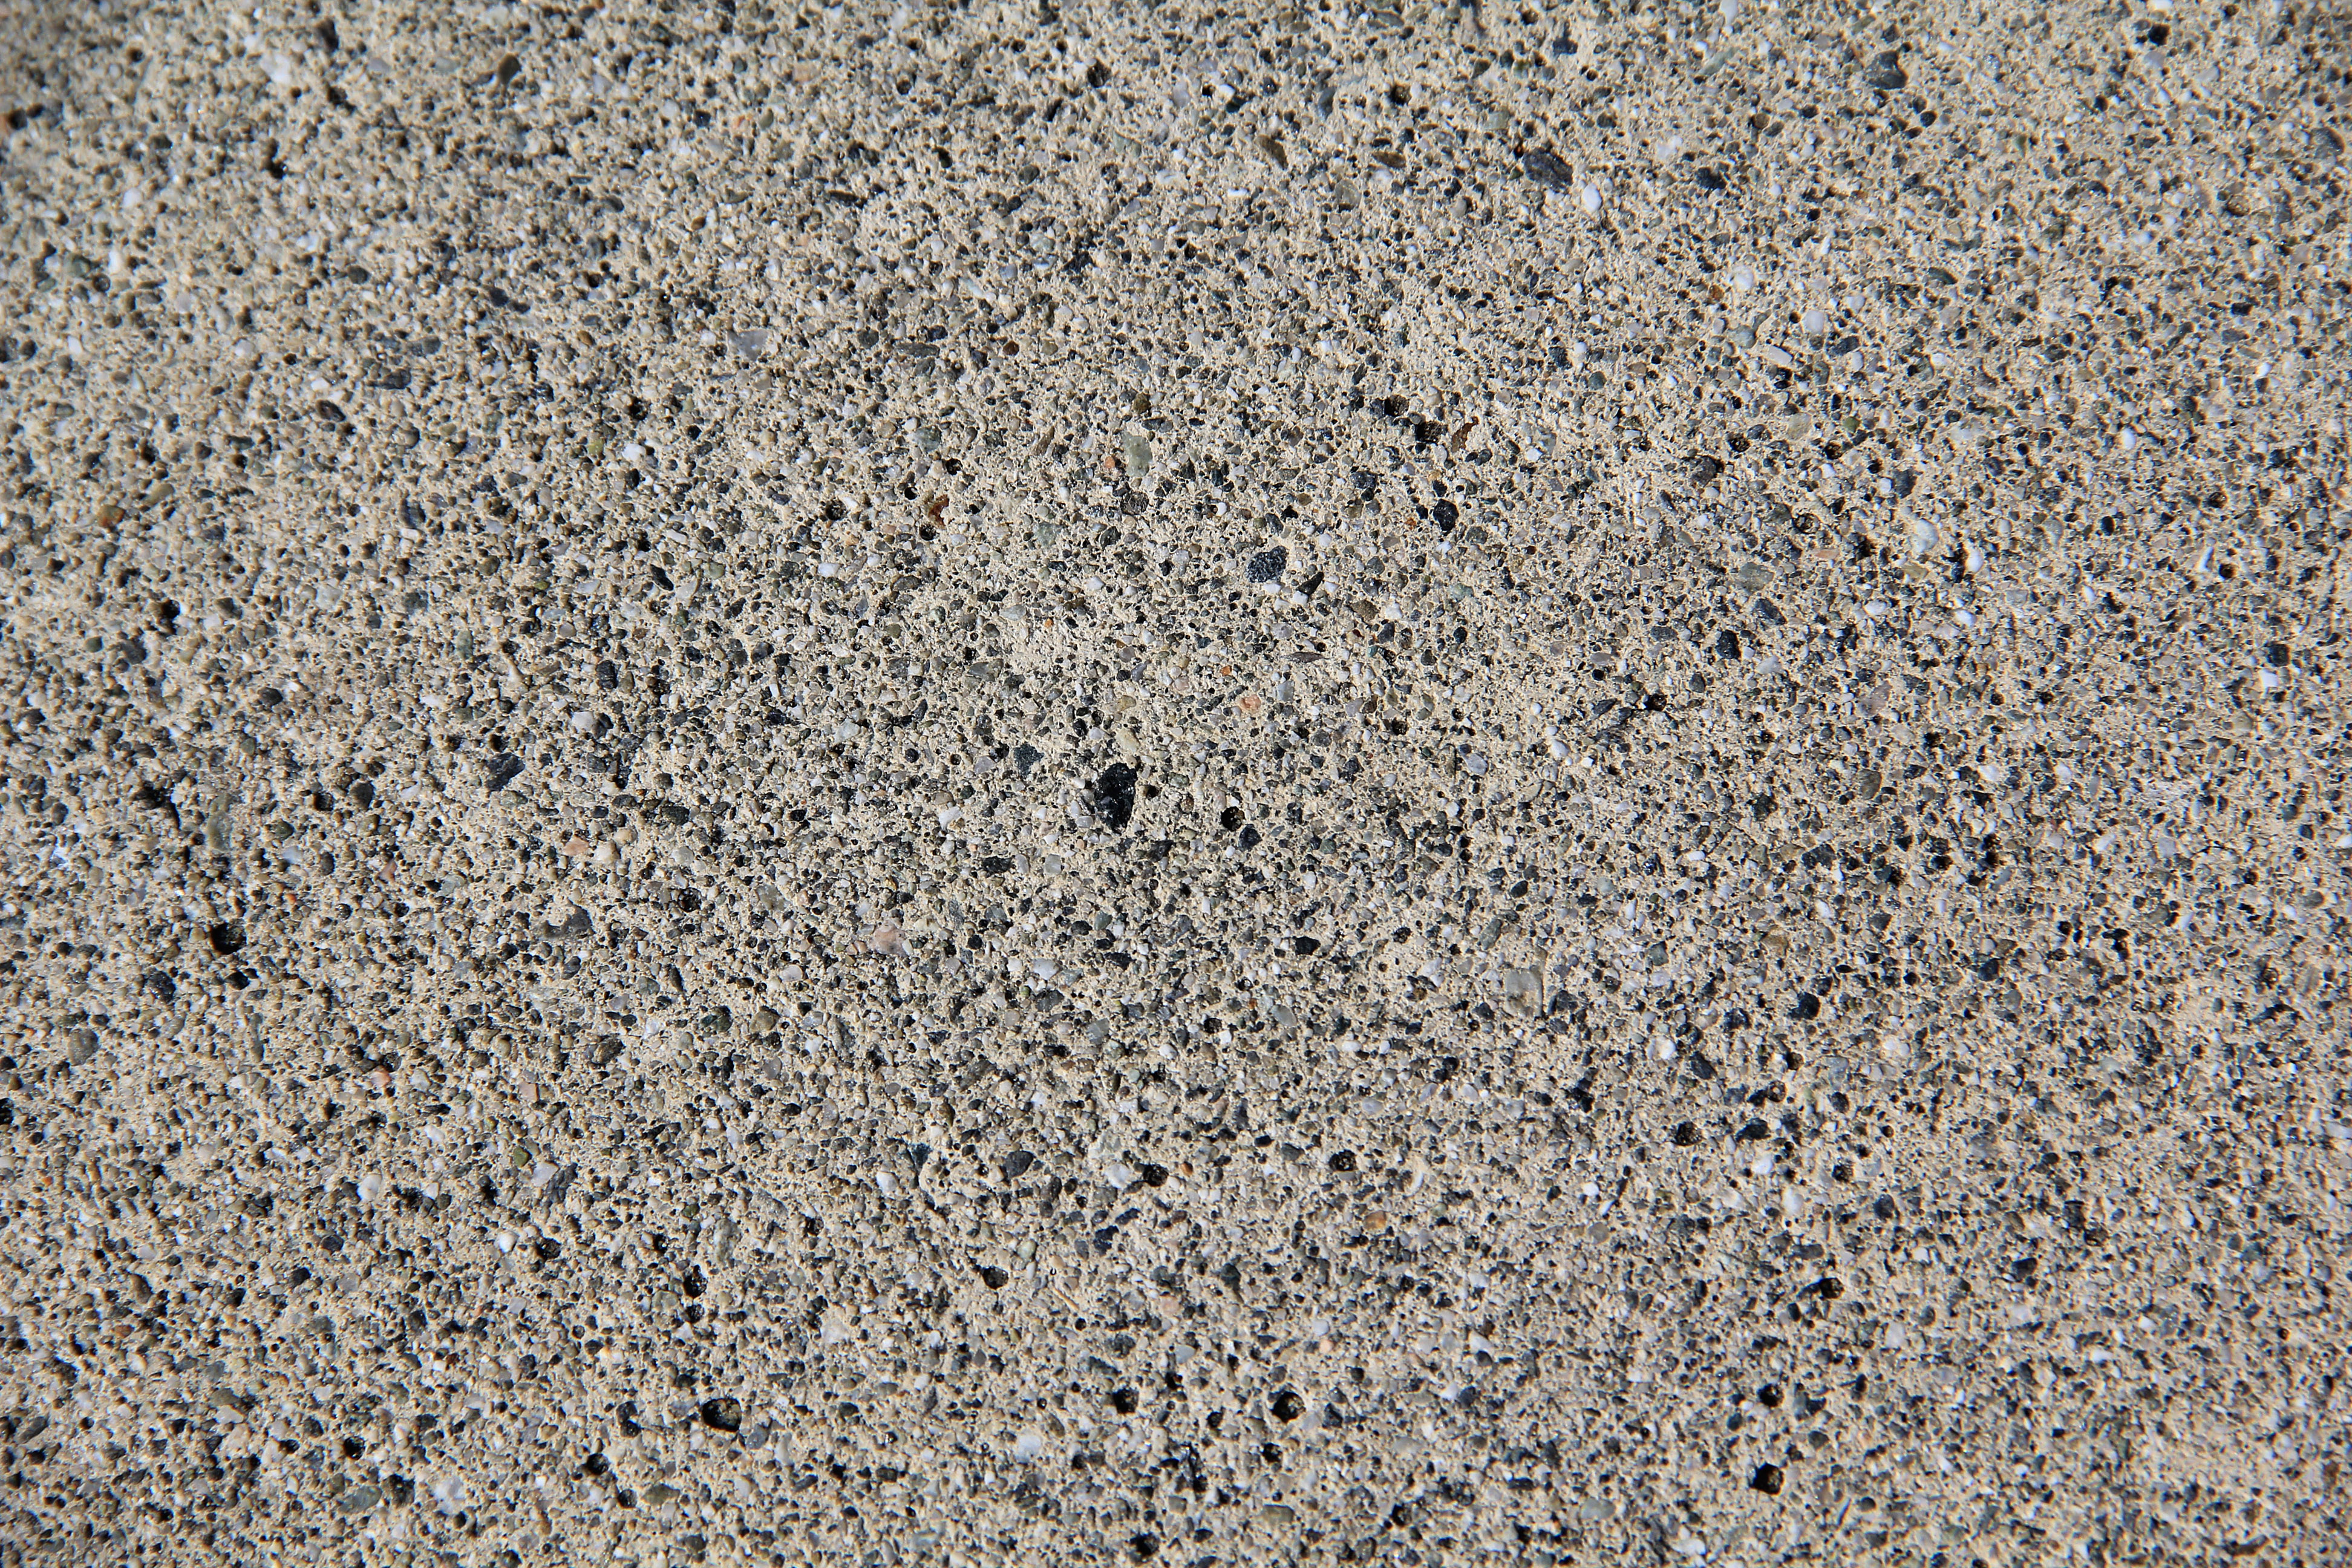 Gravel texture photo